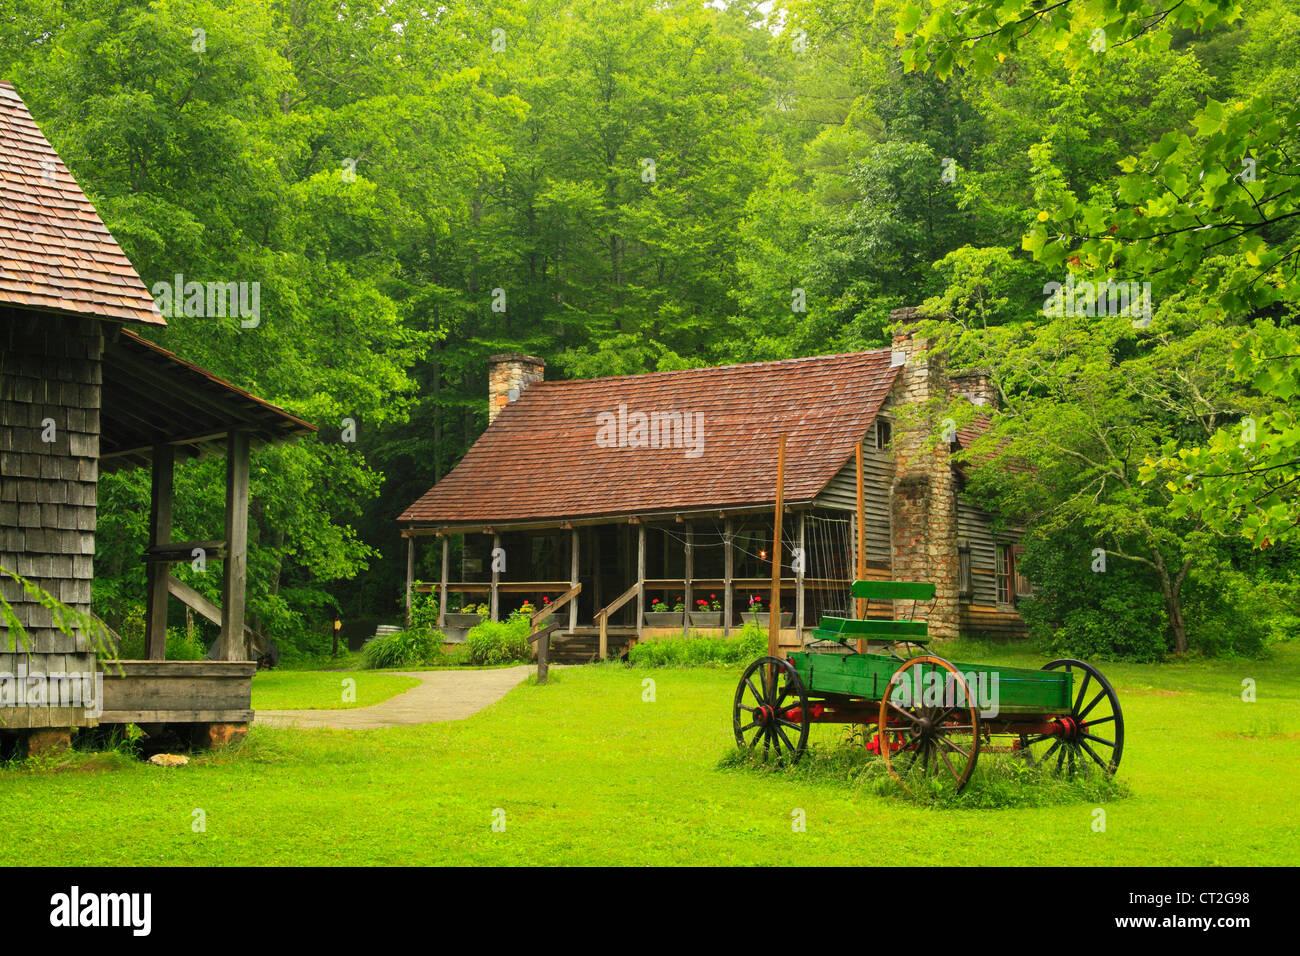 Biltmore Forest School en cuna de Silvicultura, Brevard, Carolina del Norte, EE.UU. Imagen De Stock